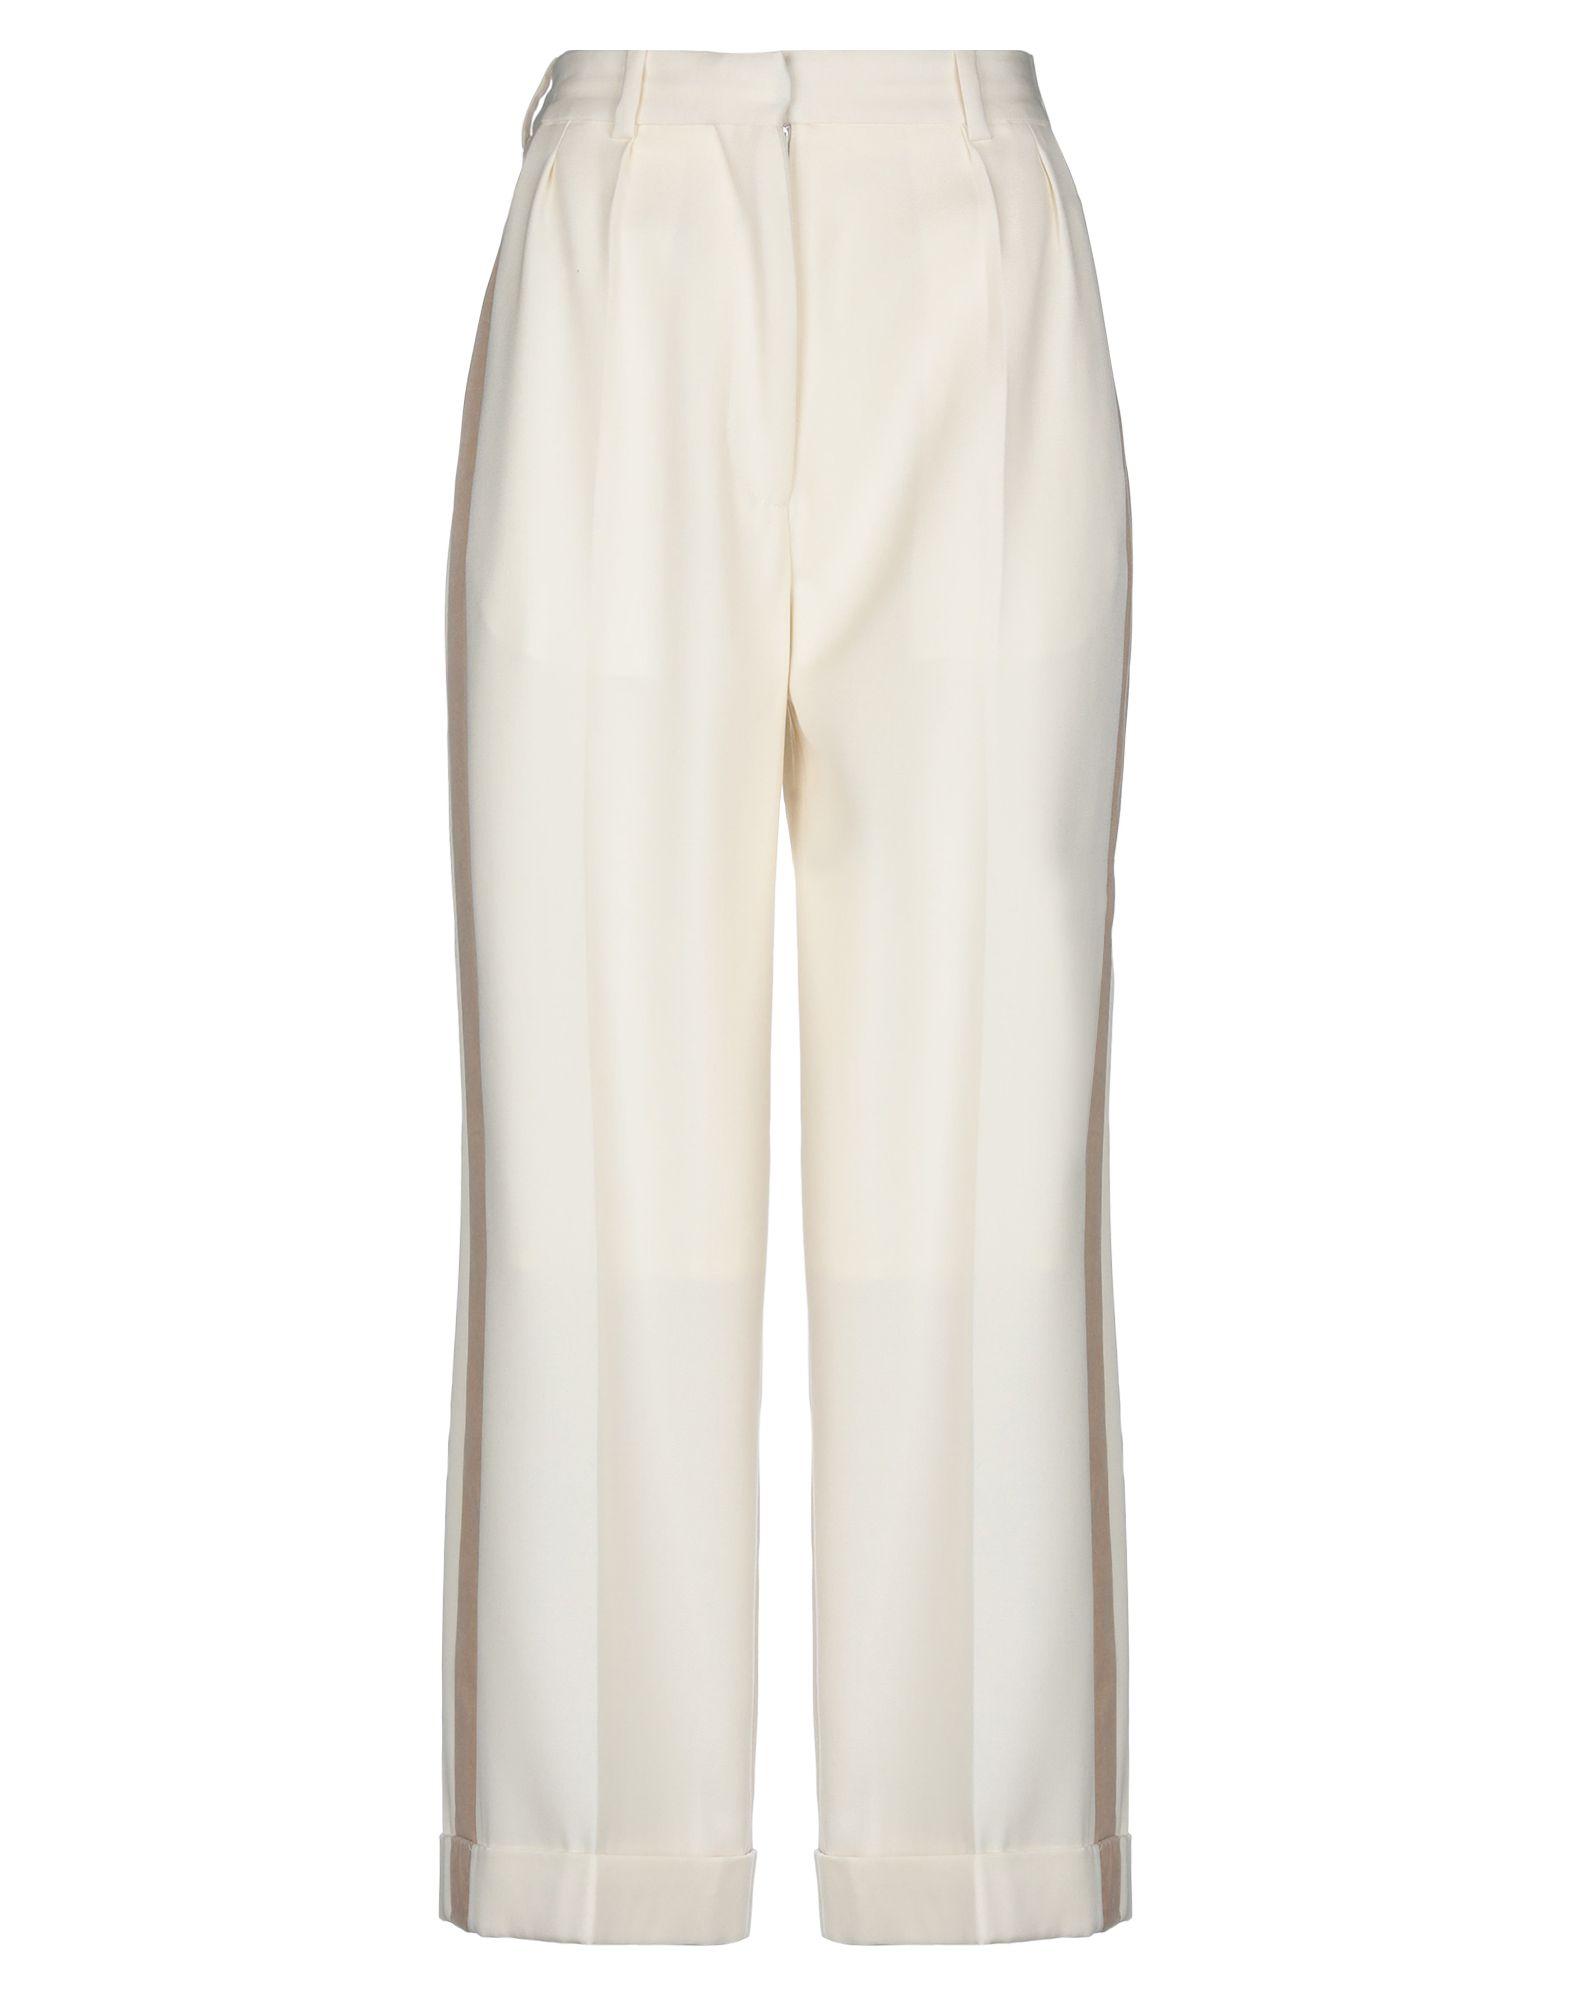 Фото - HILLIER BARTLEY Повседневные брюки hillier bartley длинное платье